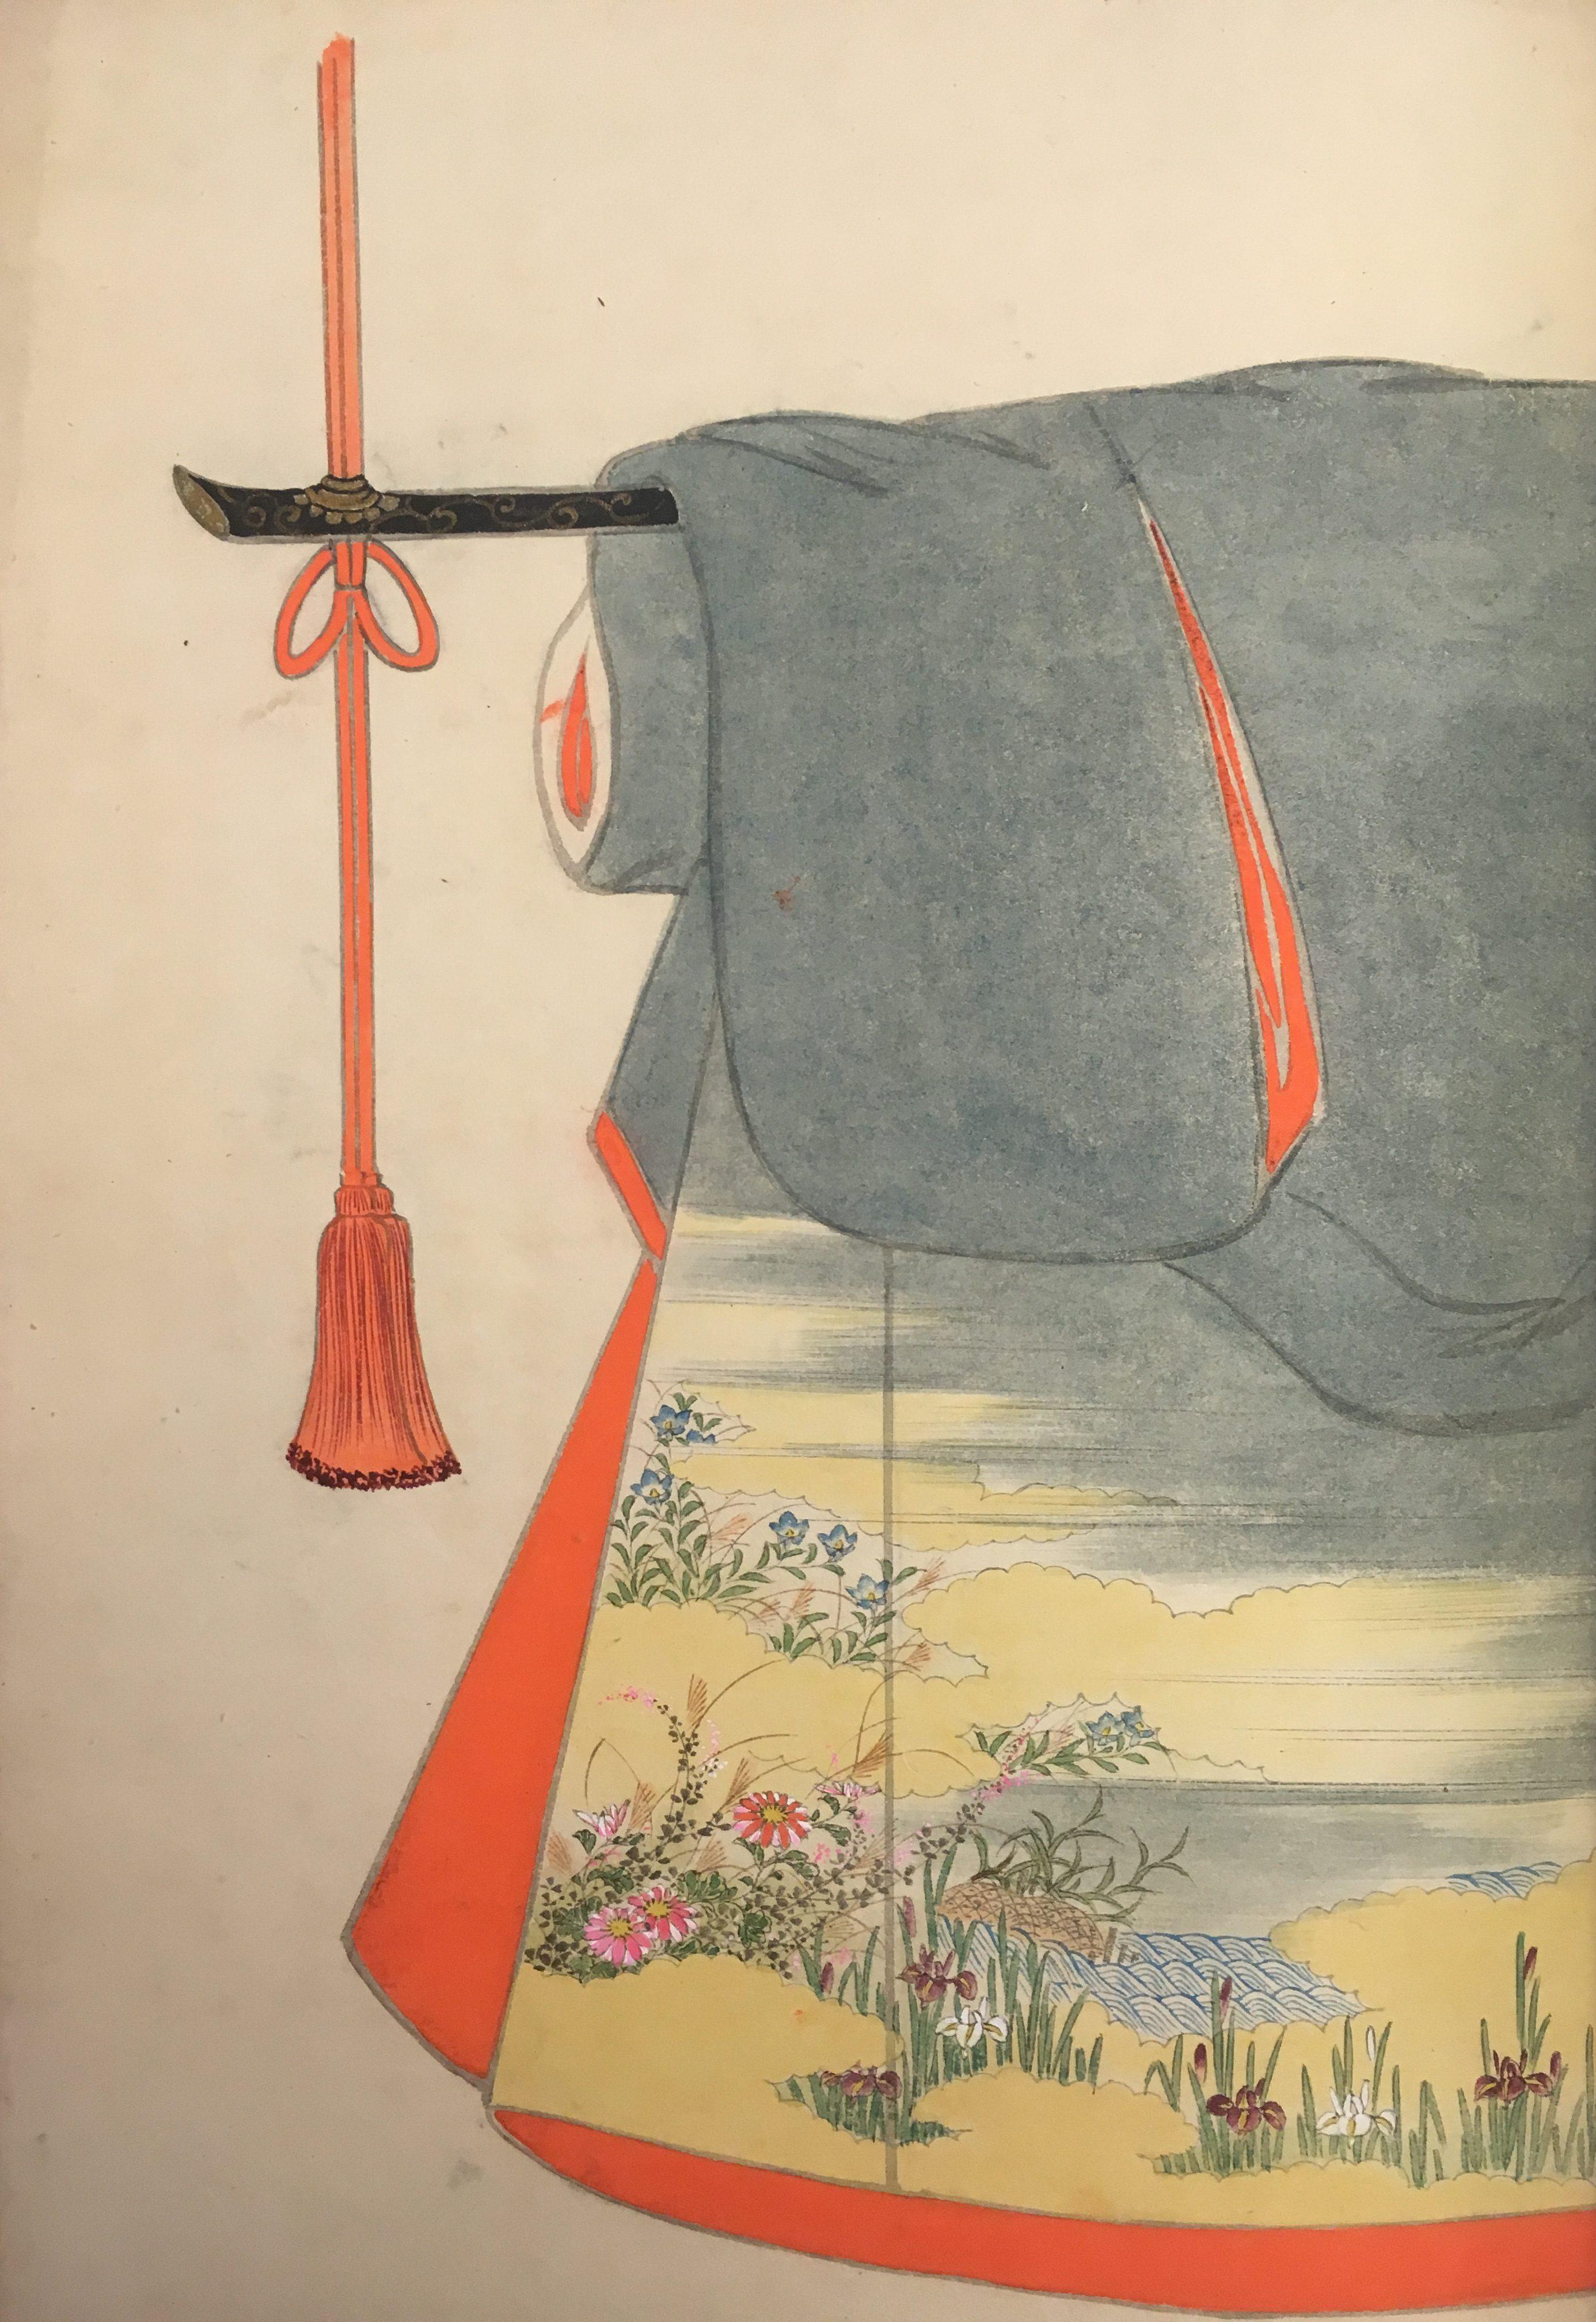 Ayako Yoshimura